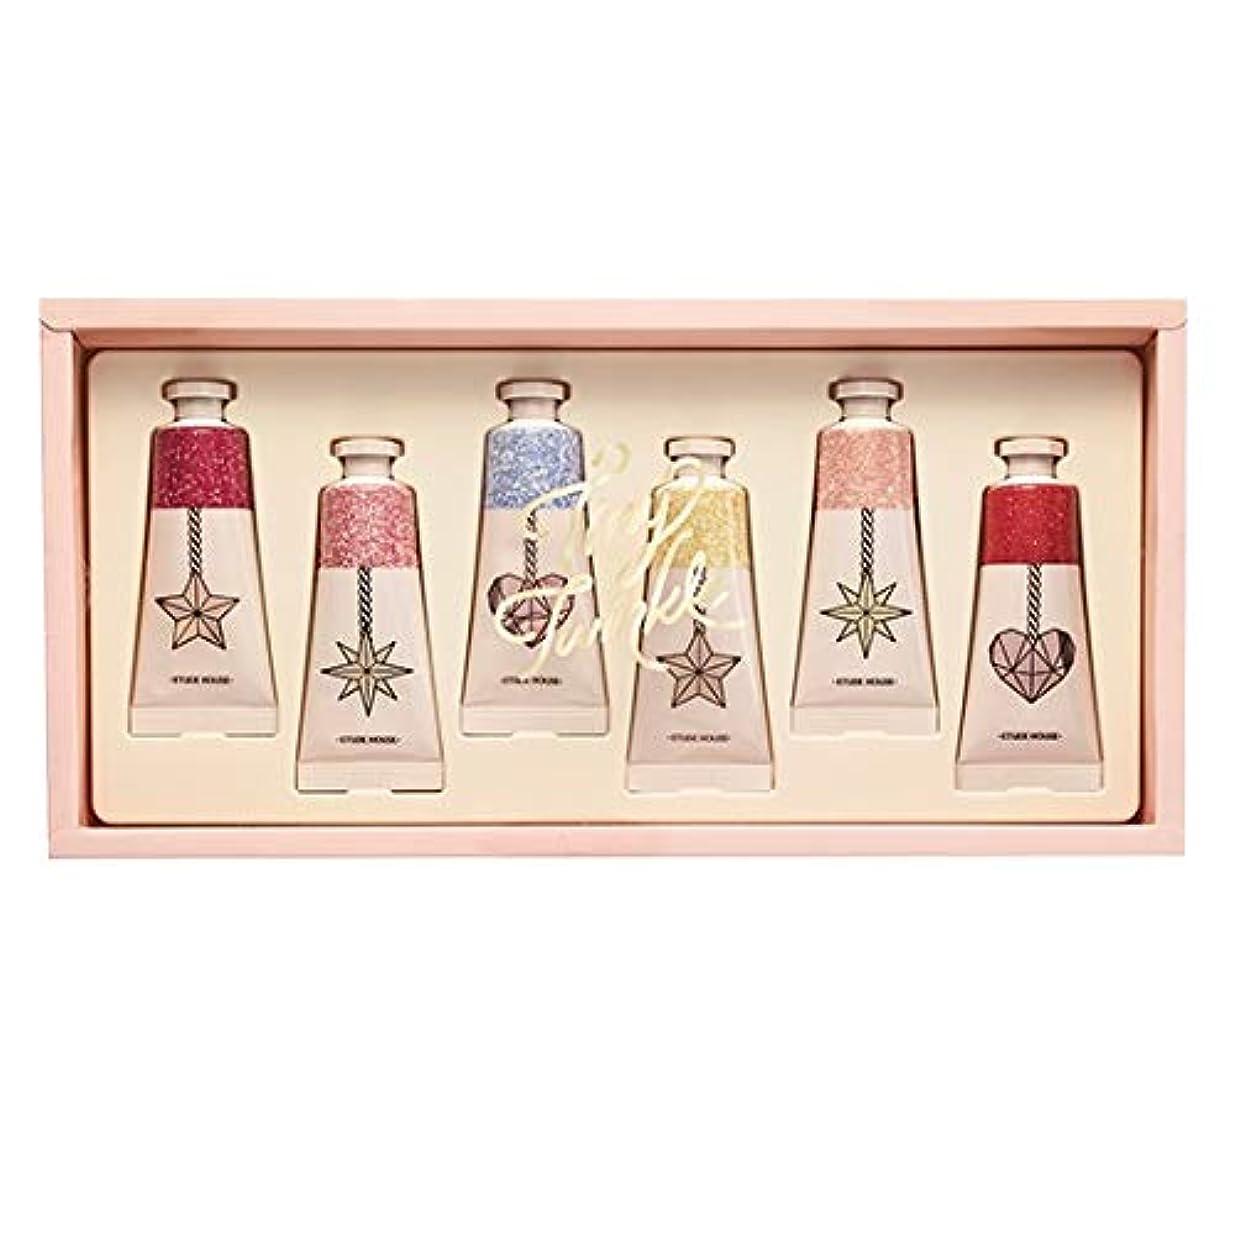 共産主義者非武装化くしゃくしゃエチュードハウス タイニー トゥインクル カラーフル セント パフュームド ハンドクリーム/ETUDE HOUSE Tiny Twinkle Colorful Scent Perfumed Handcream 6PCS...